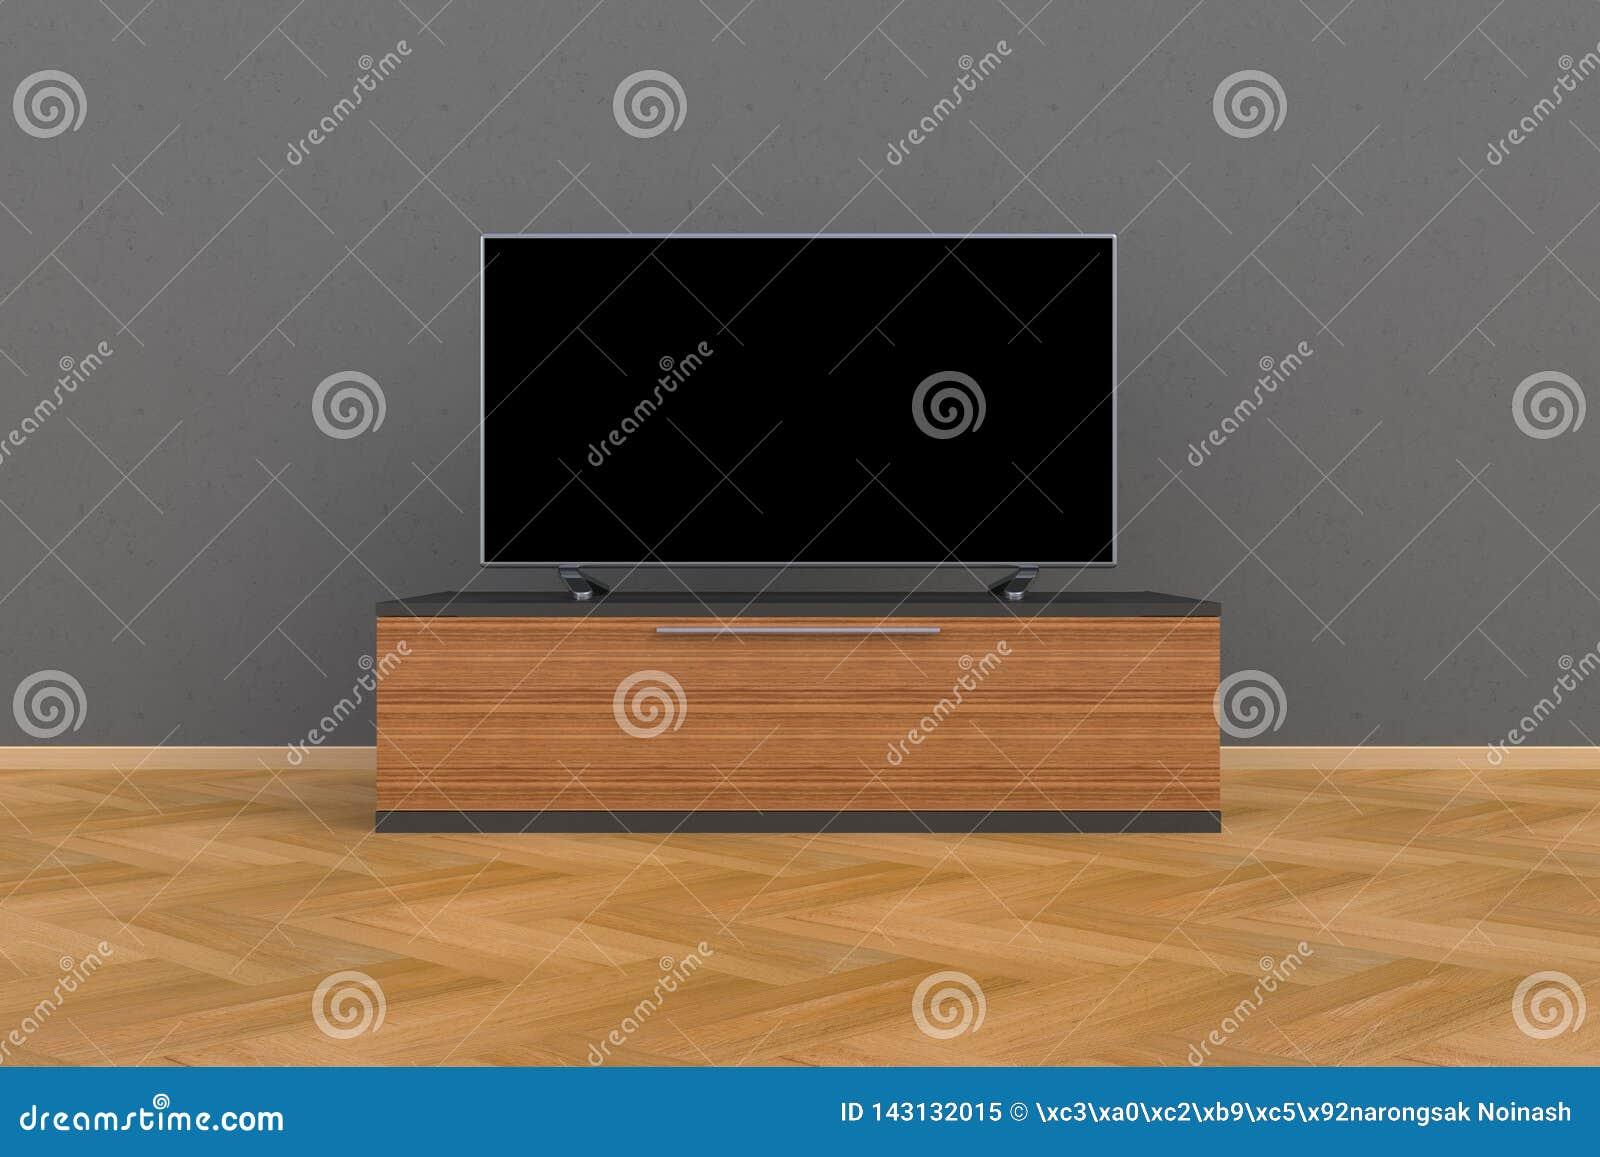 Innenraum des leeren Raumes mit Fernsehen, Wohnzimmer führte Fernsehen auf grauer Wand mit moderner Dachbodenart des Holztischs